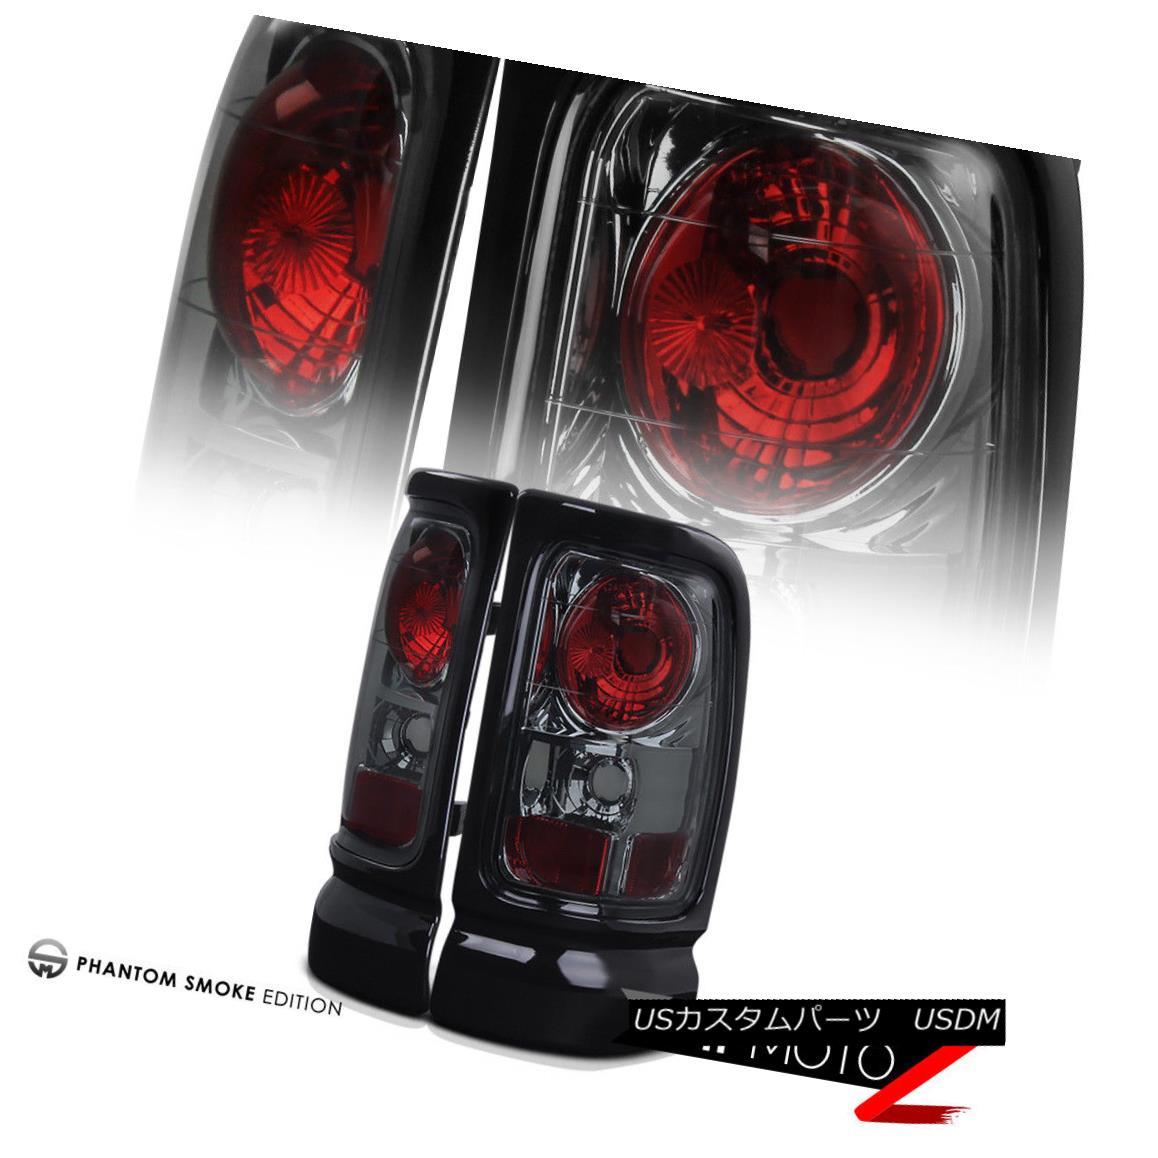 テールライト Dodge 1500 2500 3500 Ram 94-01 Smoke Tail Lights Lamps Rear Brake LH RH Pair ダッジ1500 2500 3500ラム94-01煙テールライトランプリアブレーキLH RHペア